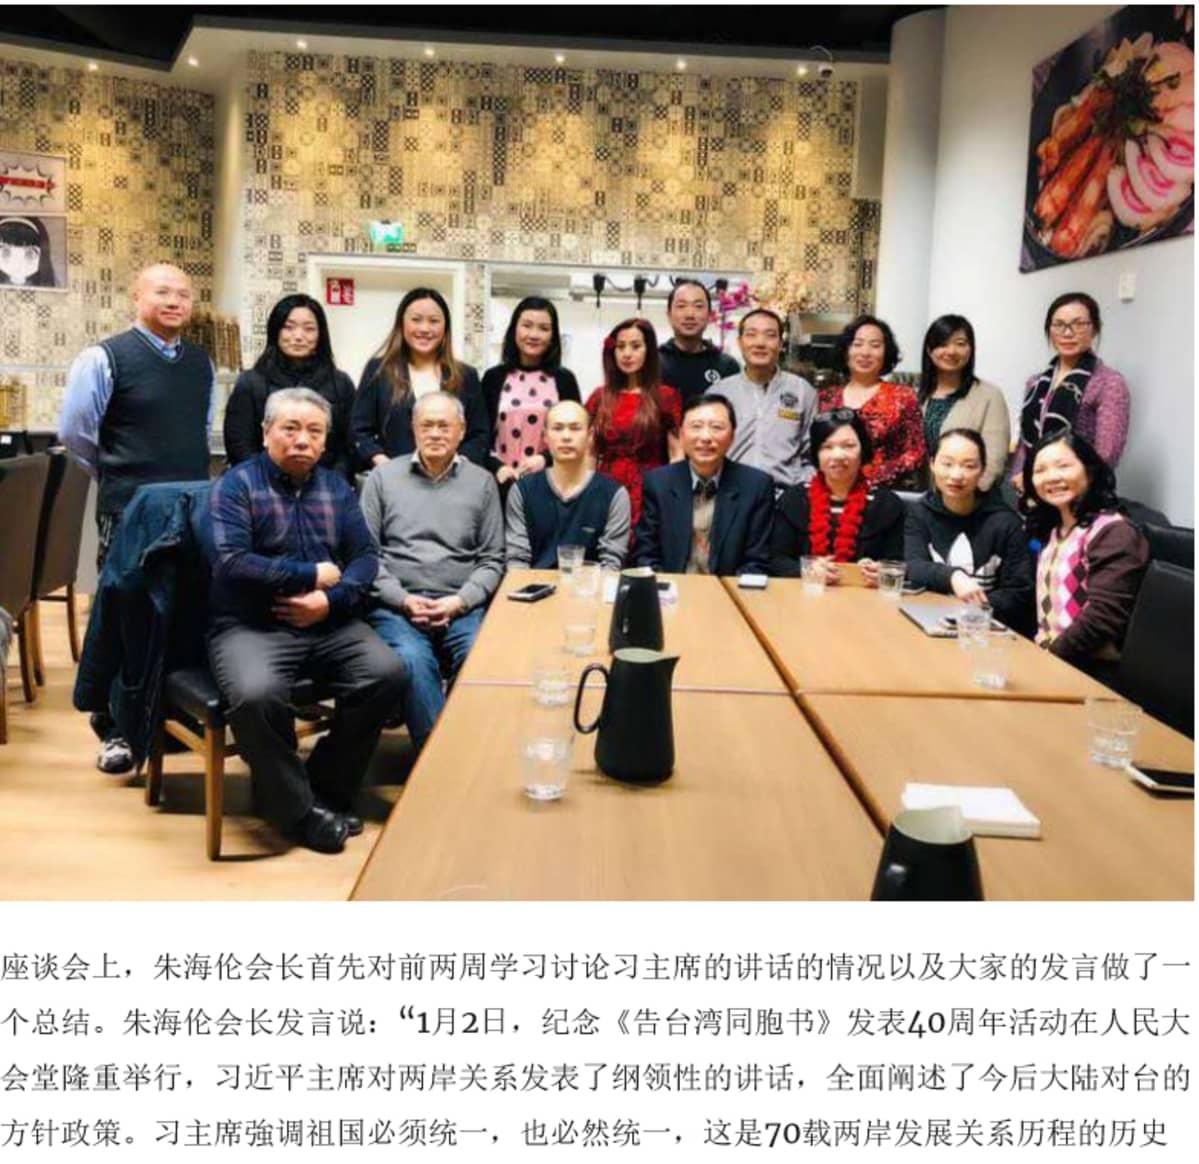 Suomalainen yhtenäisyysyhdistys FAPPRC koolla kauppakeskus Redissä Helsingissä tammikuussa 2019. Kokoomuksen kunnanvaltuutettu Jenni Chen-Ye ylärivissä kolmas vasemmalta.